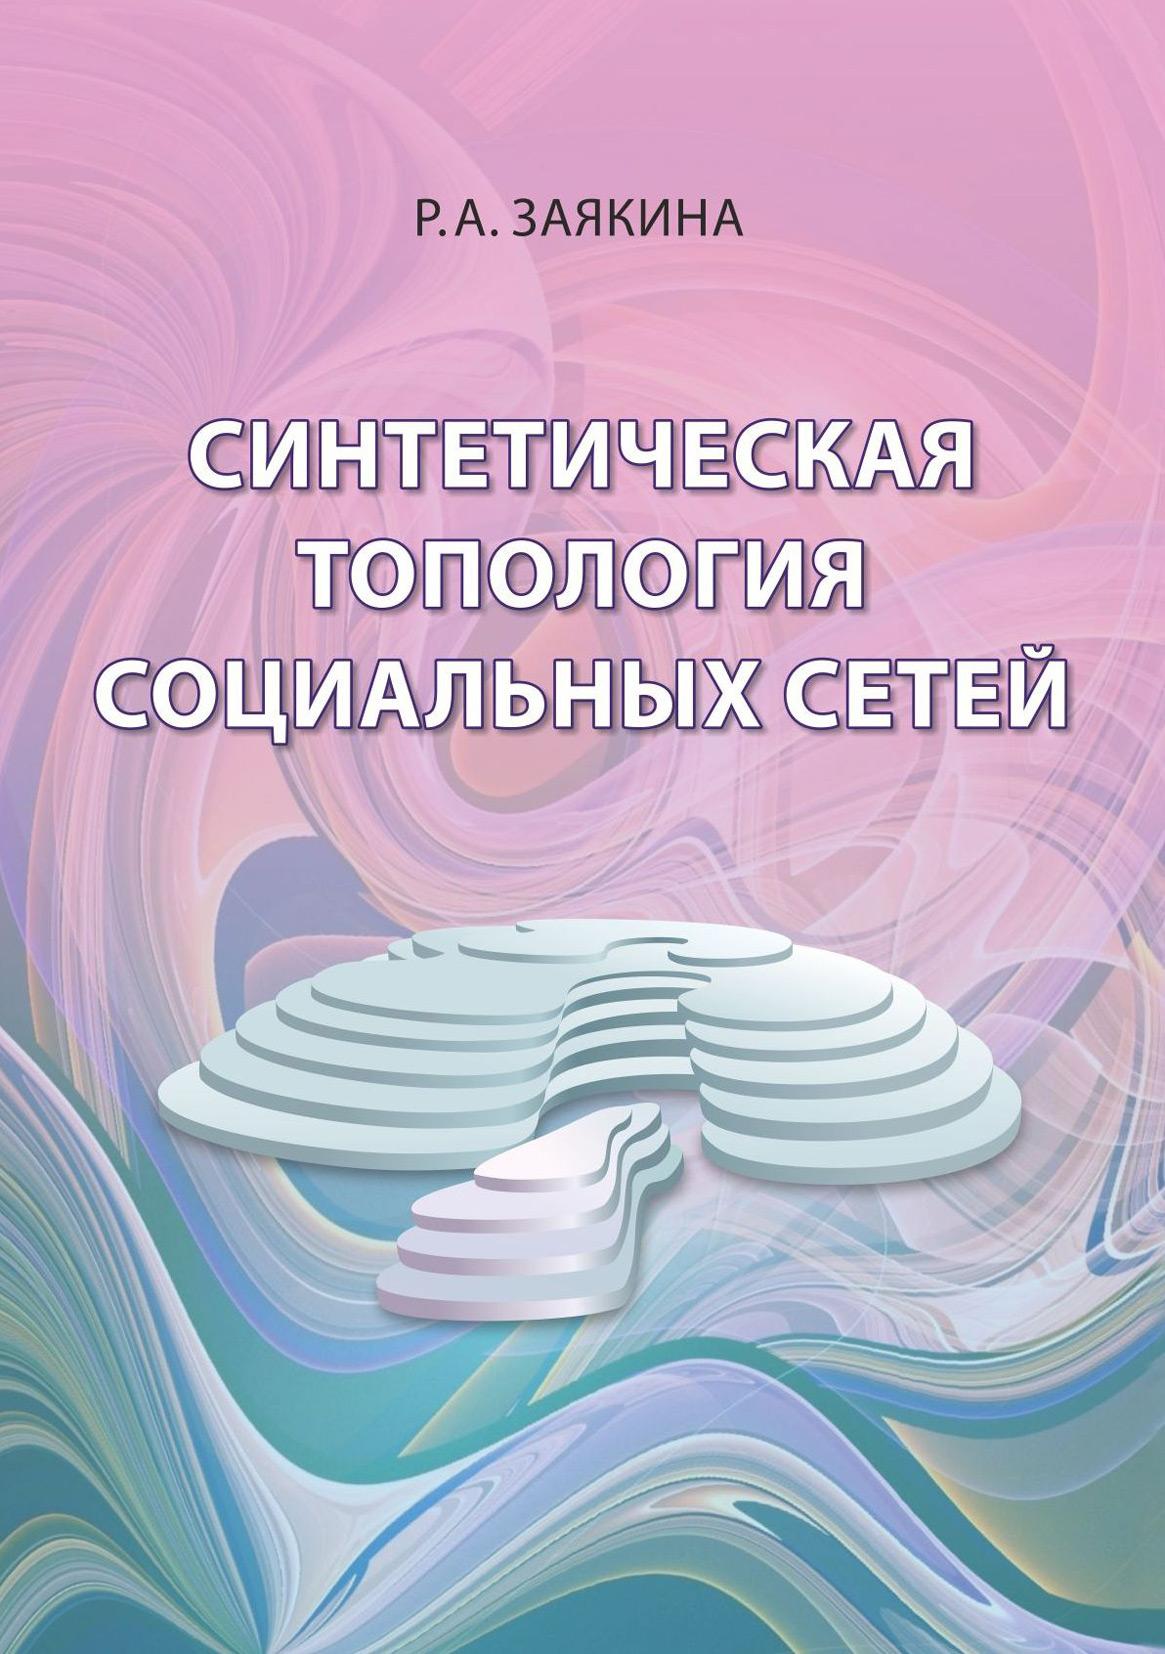 Р. А. Заякина Синтетическая топология социальных сетей екатерина лебедева подписчики изсоциальных сетей